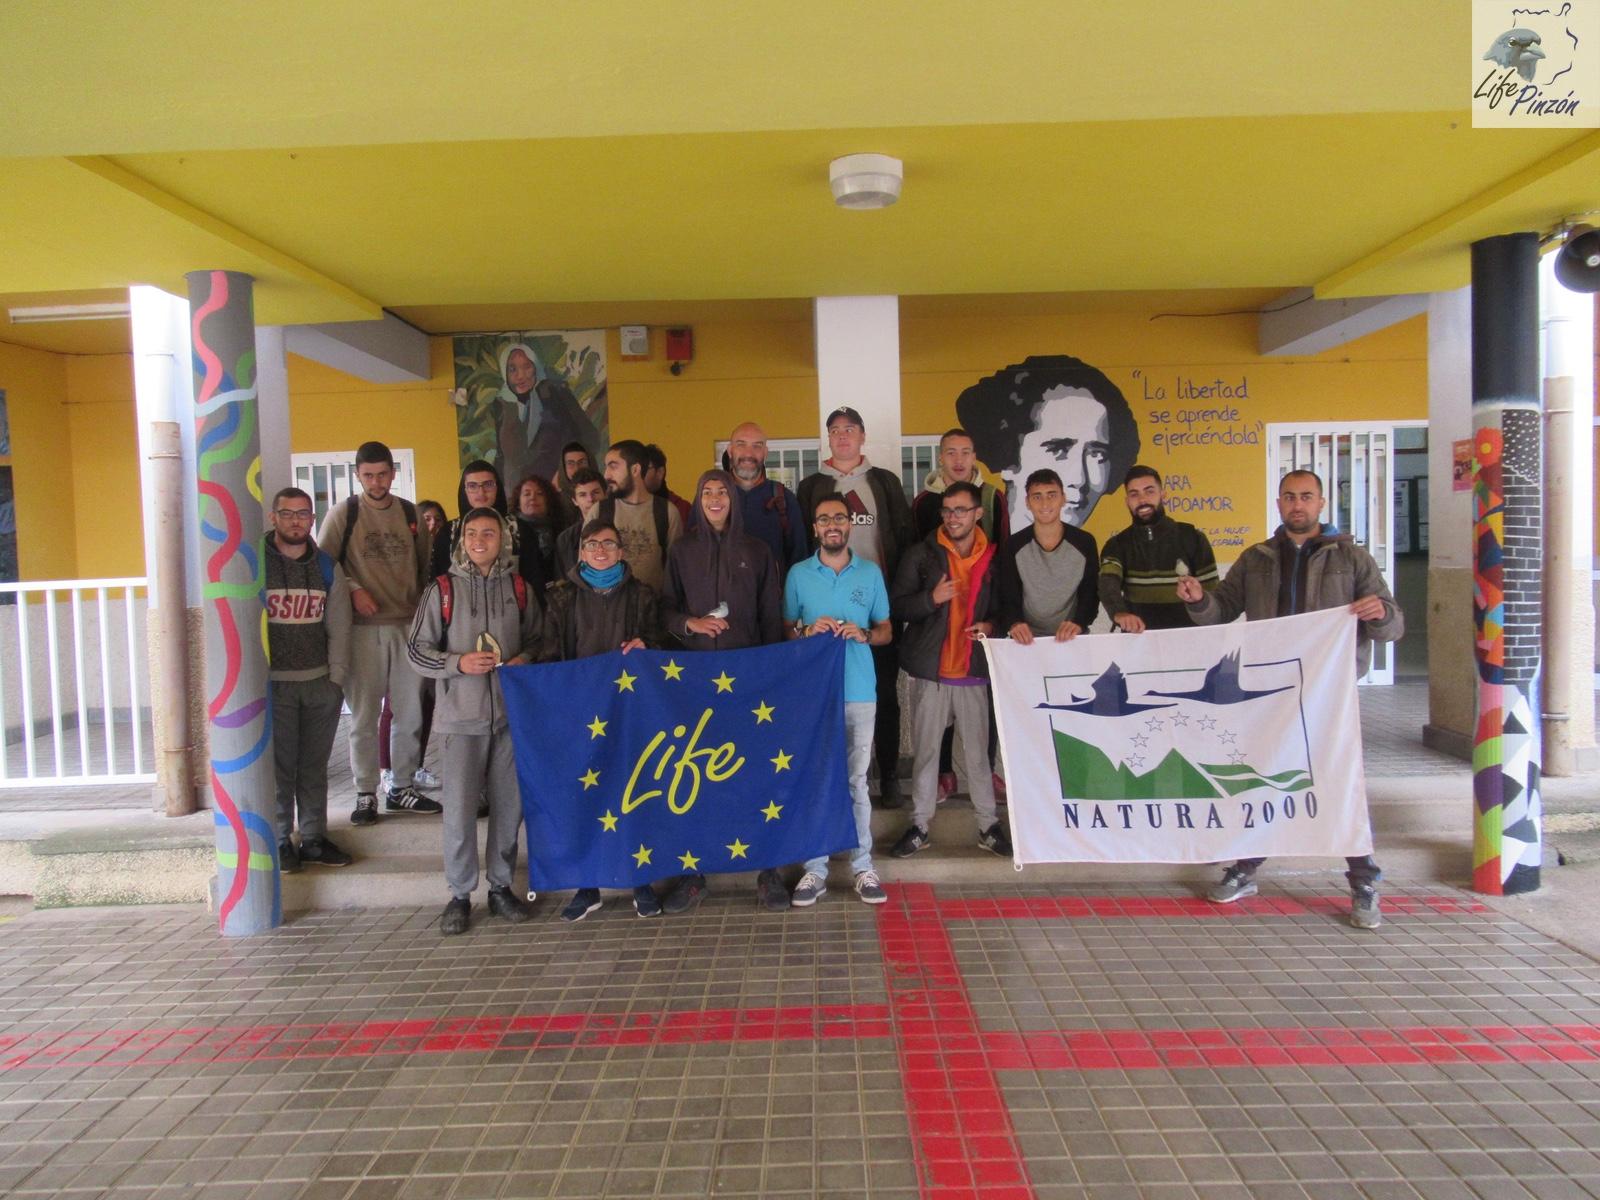 Presentación en el IES San Mateo con alumnos del Ciclo de Aprovechamiento y Conservación del Medio Natural7 noviembre 2018